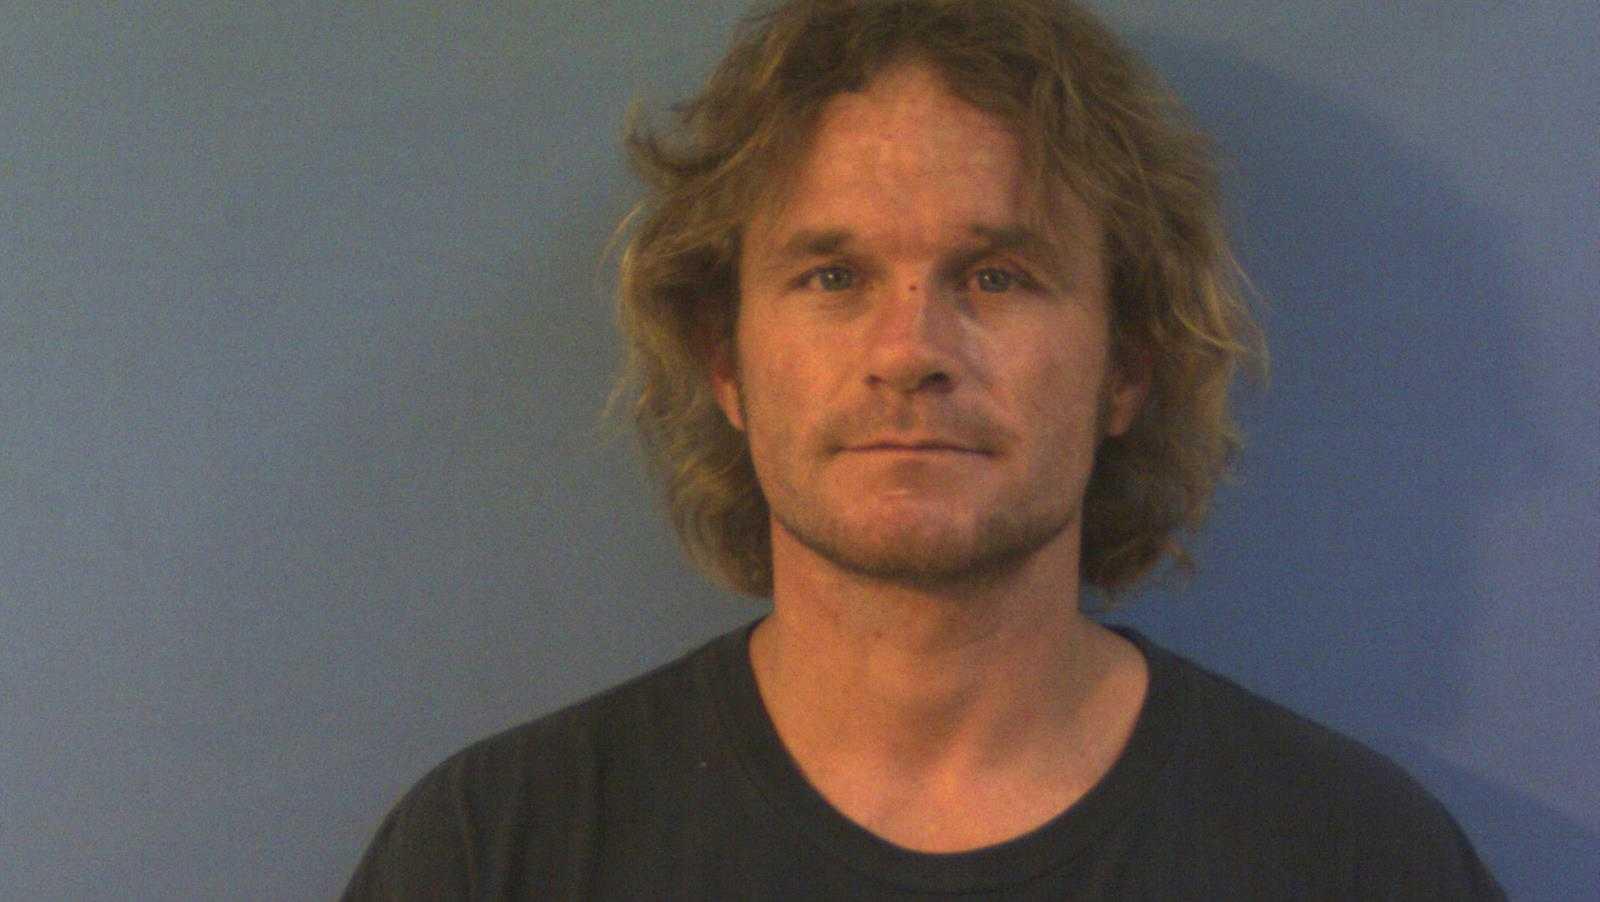 Murder suspect Jeremy Brake